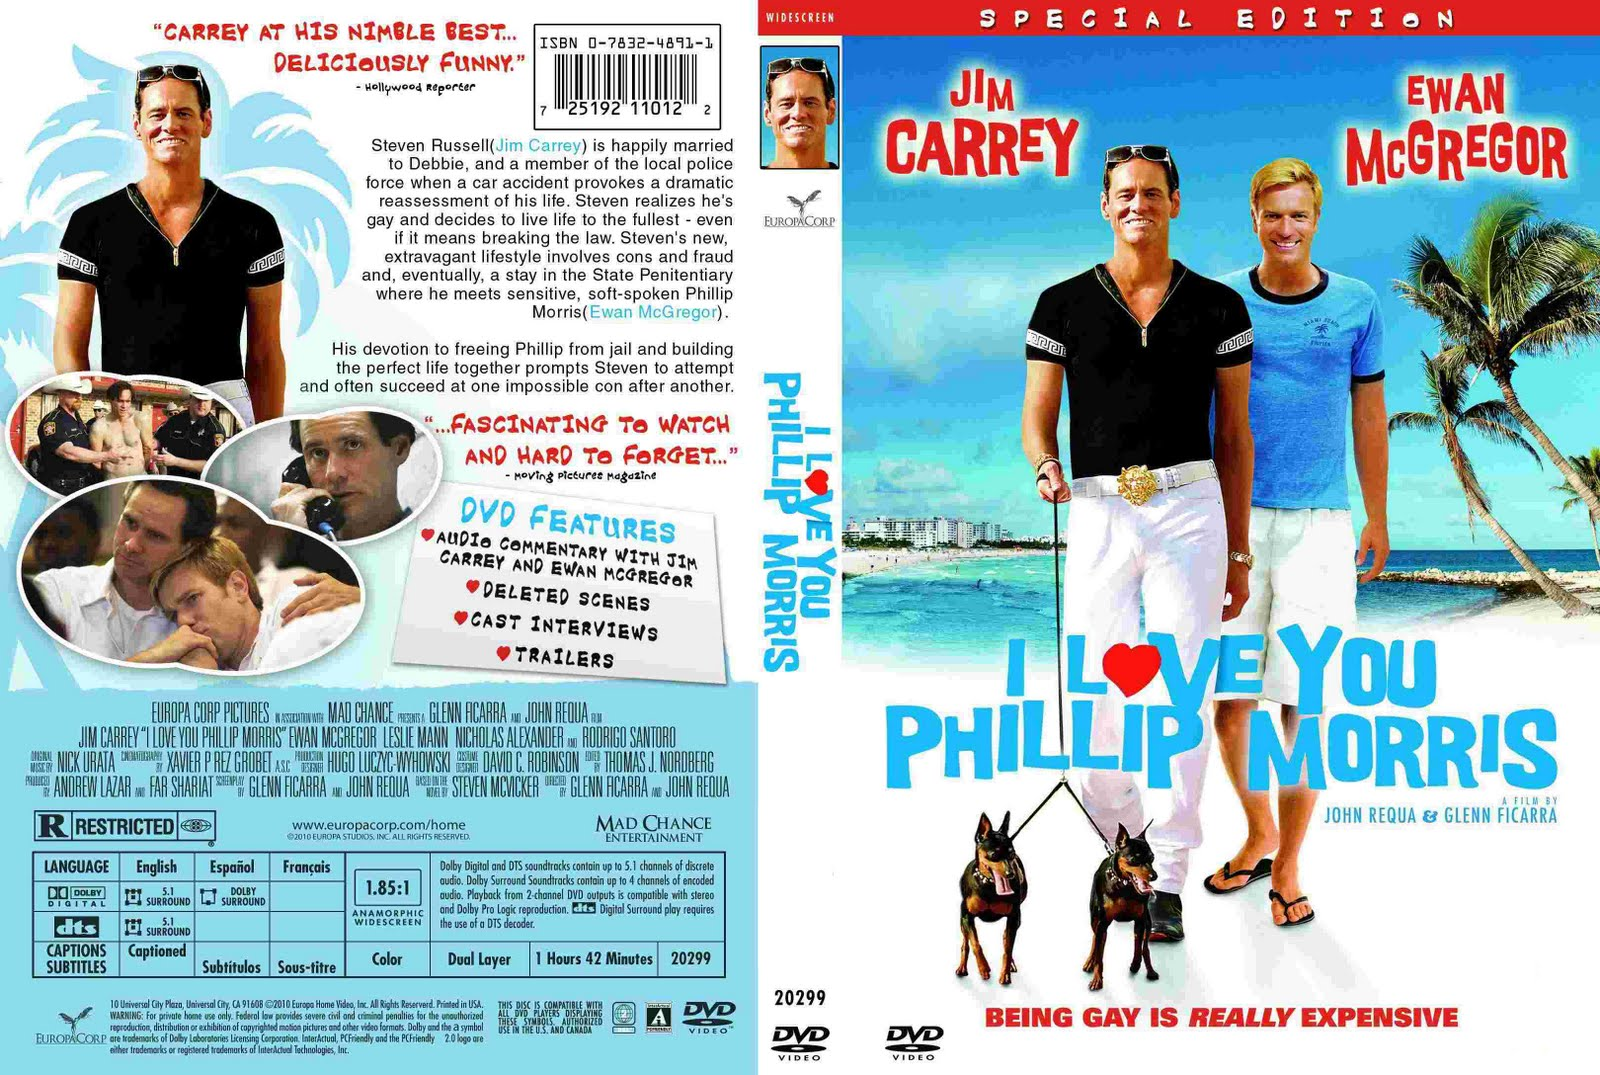 http://2.bp.blogspot.com/_qoAqiuK1iTQ/TCA1oJpba1I/AAAAAAAACEM/JPh94J7KjE4/s1600/I_Love_You_Phillip_Morris_(2010)_SE.jpg